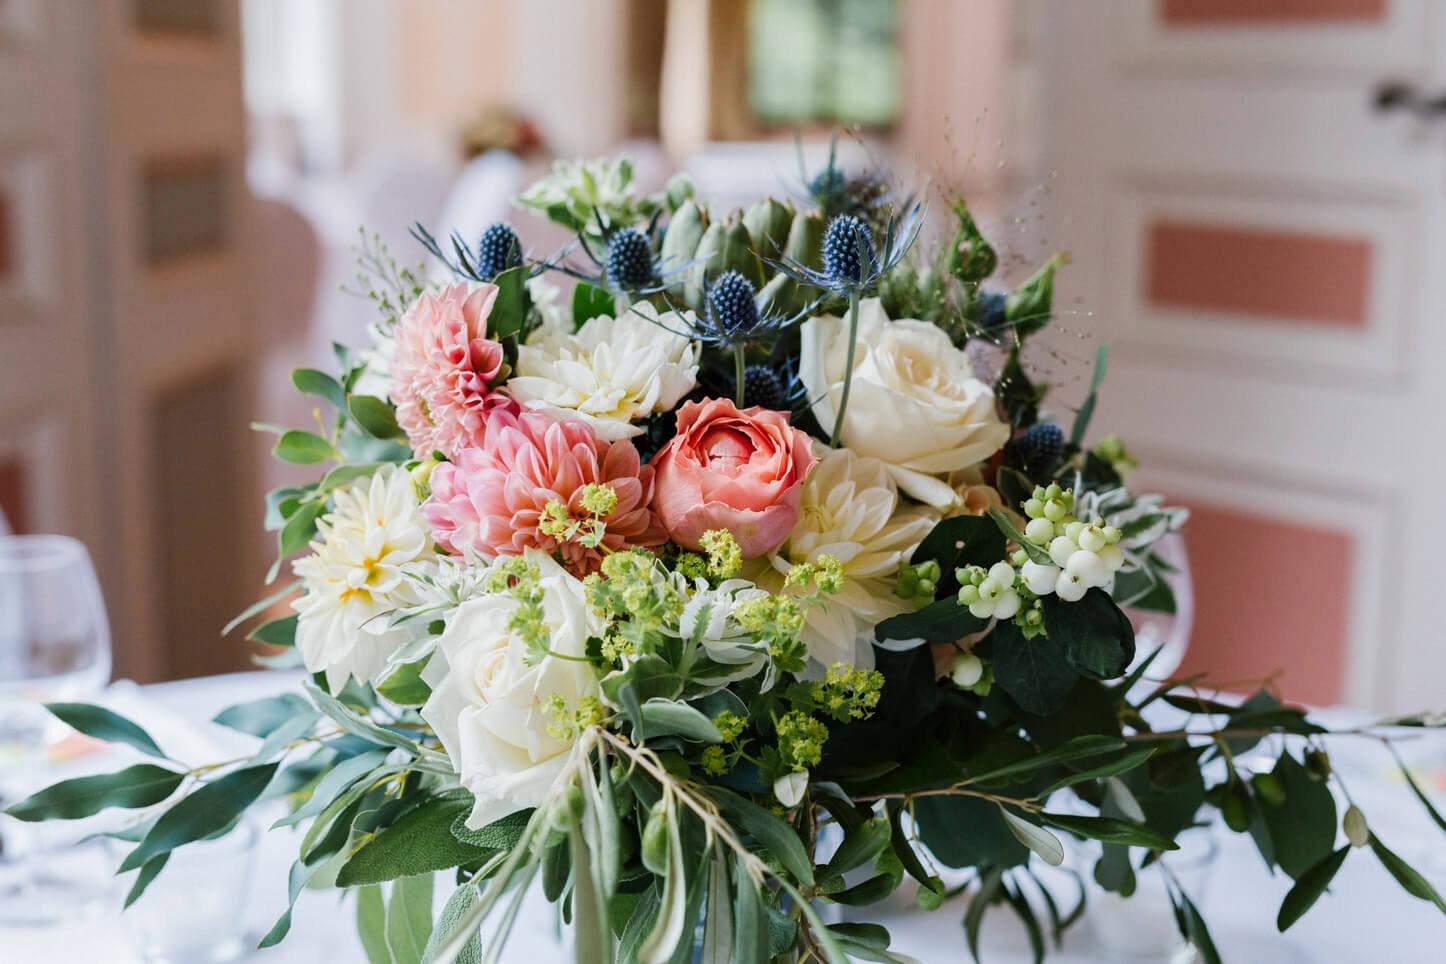 Hochzeitsblumen Tischdekoration